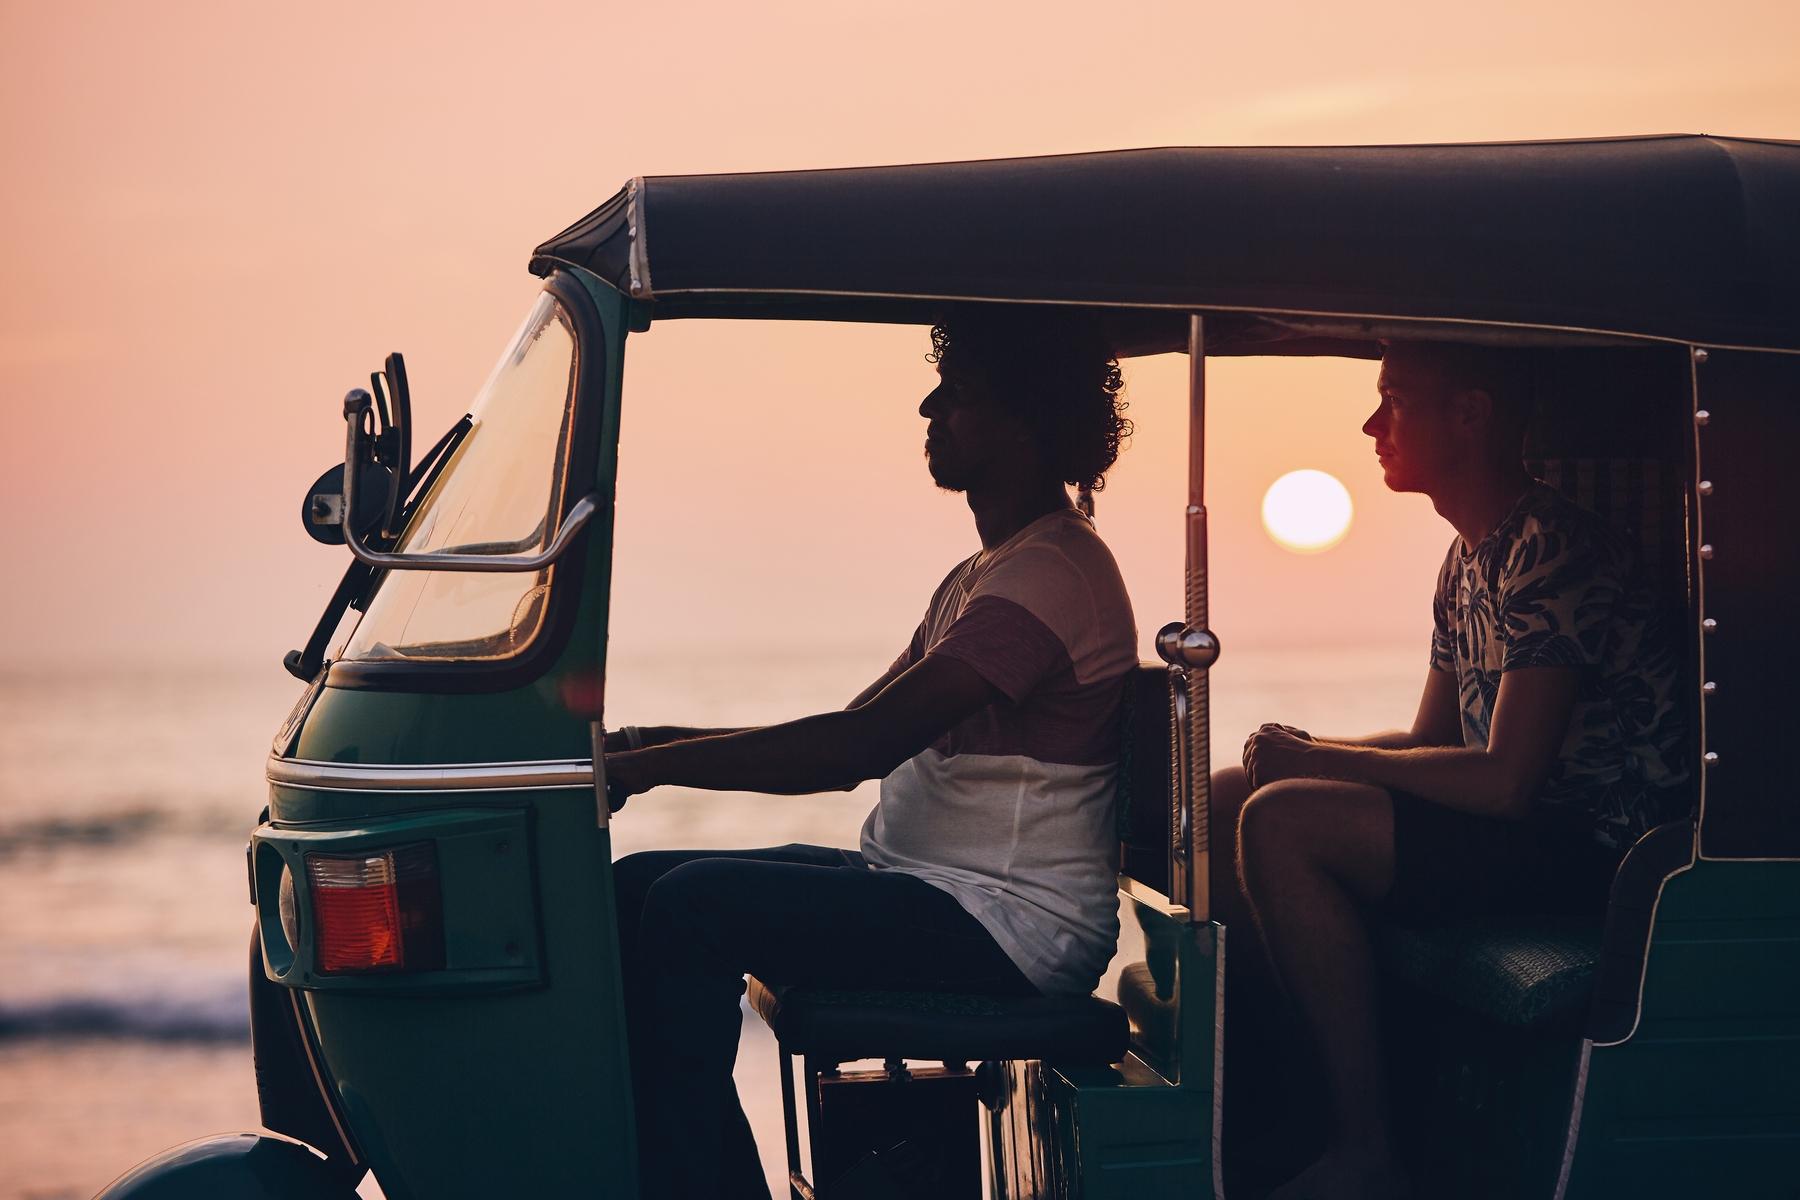 Carona de tuk-tuk ao pôr do sol.